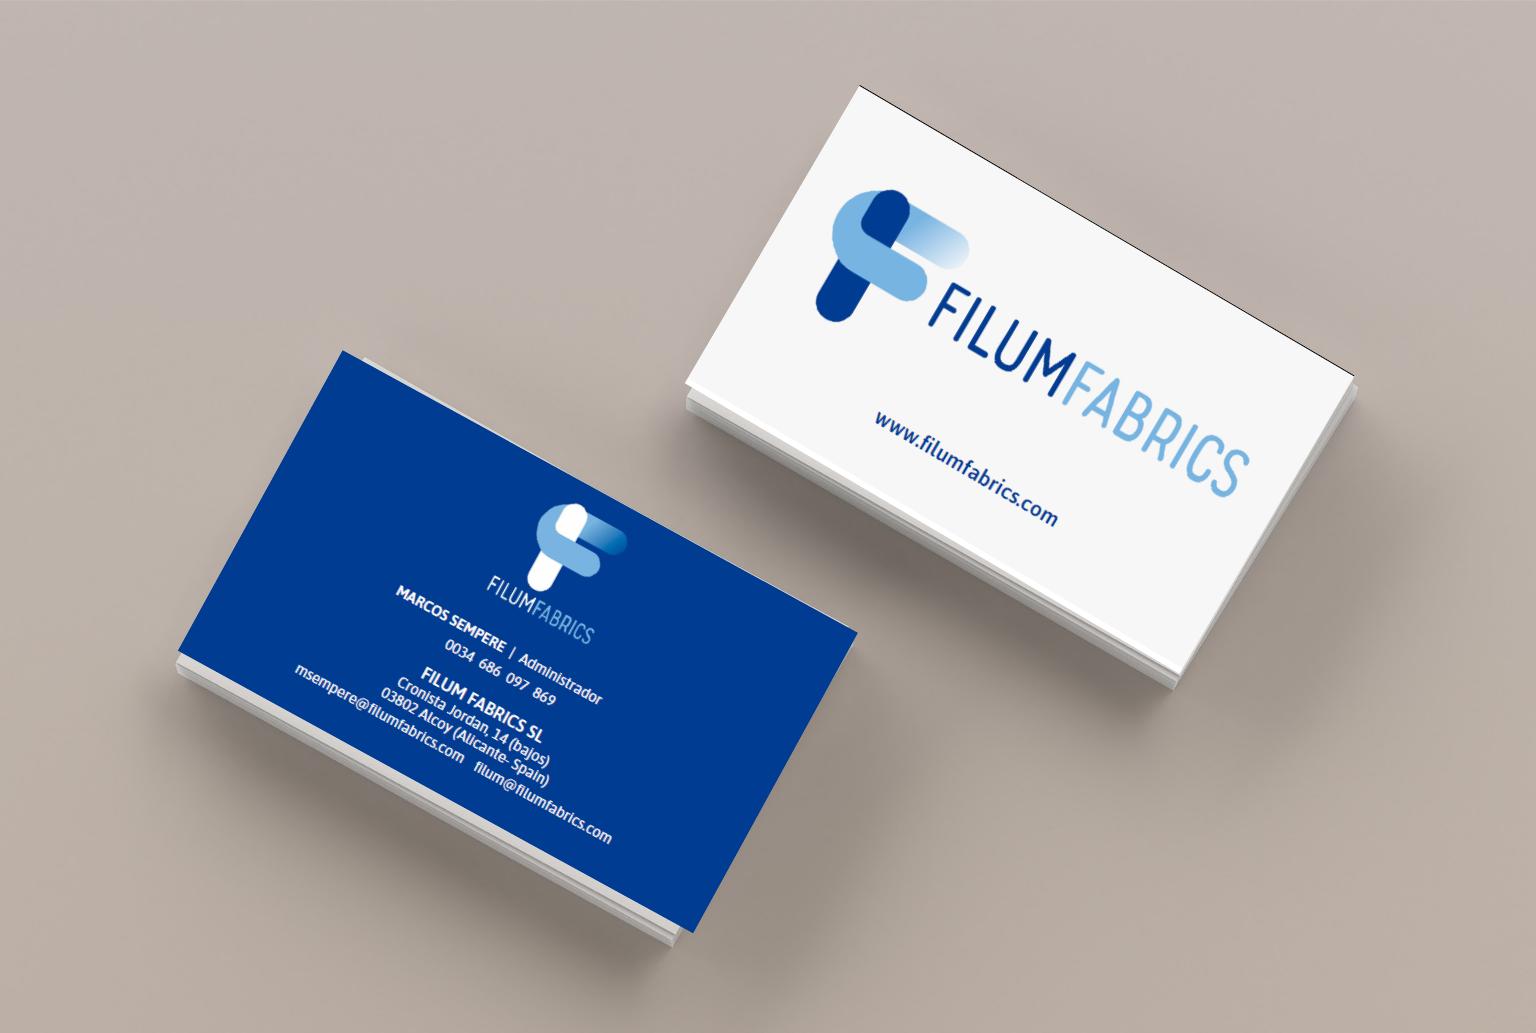 diseño de tarjeta de visitas y logos